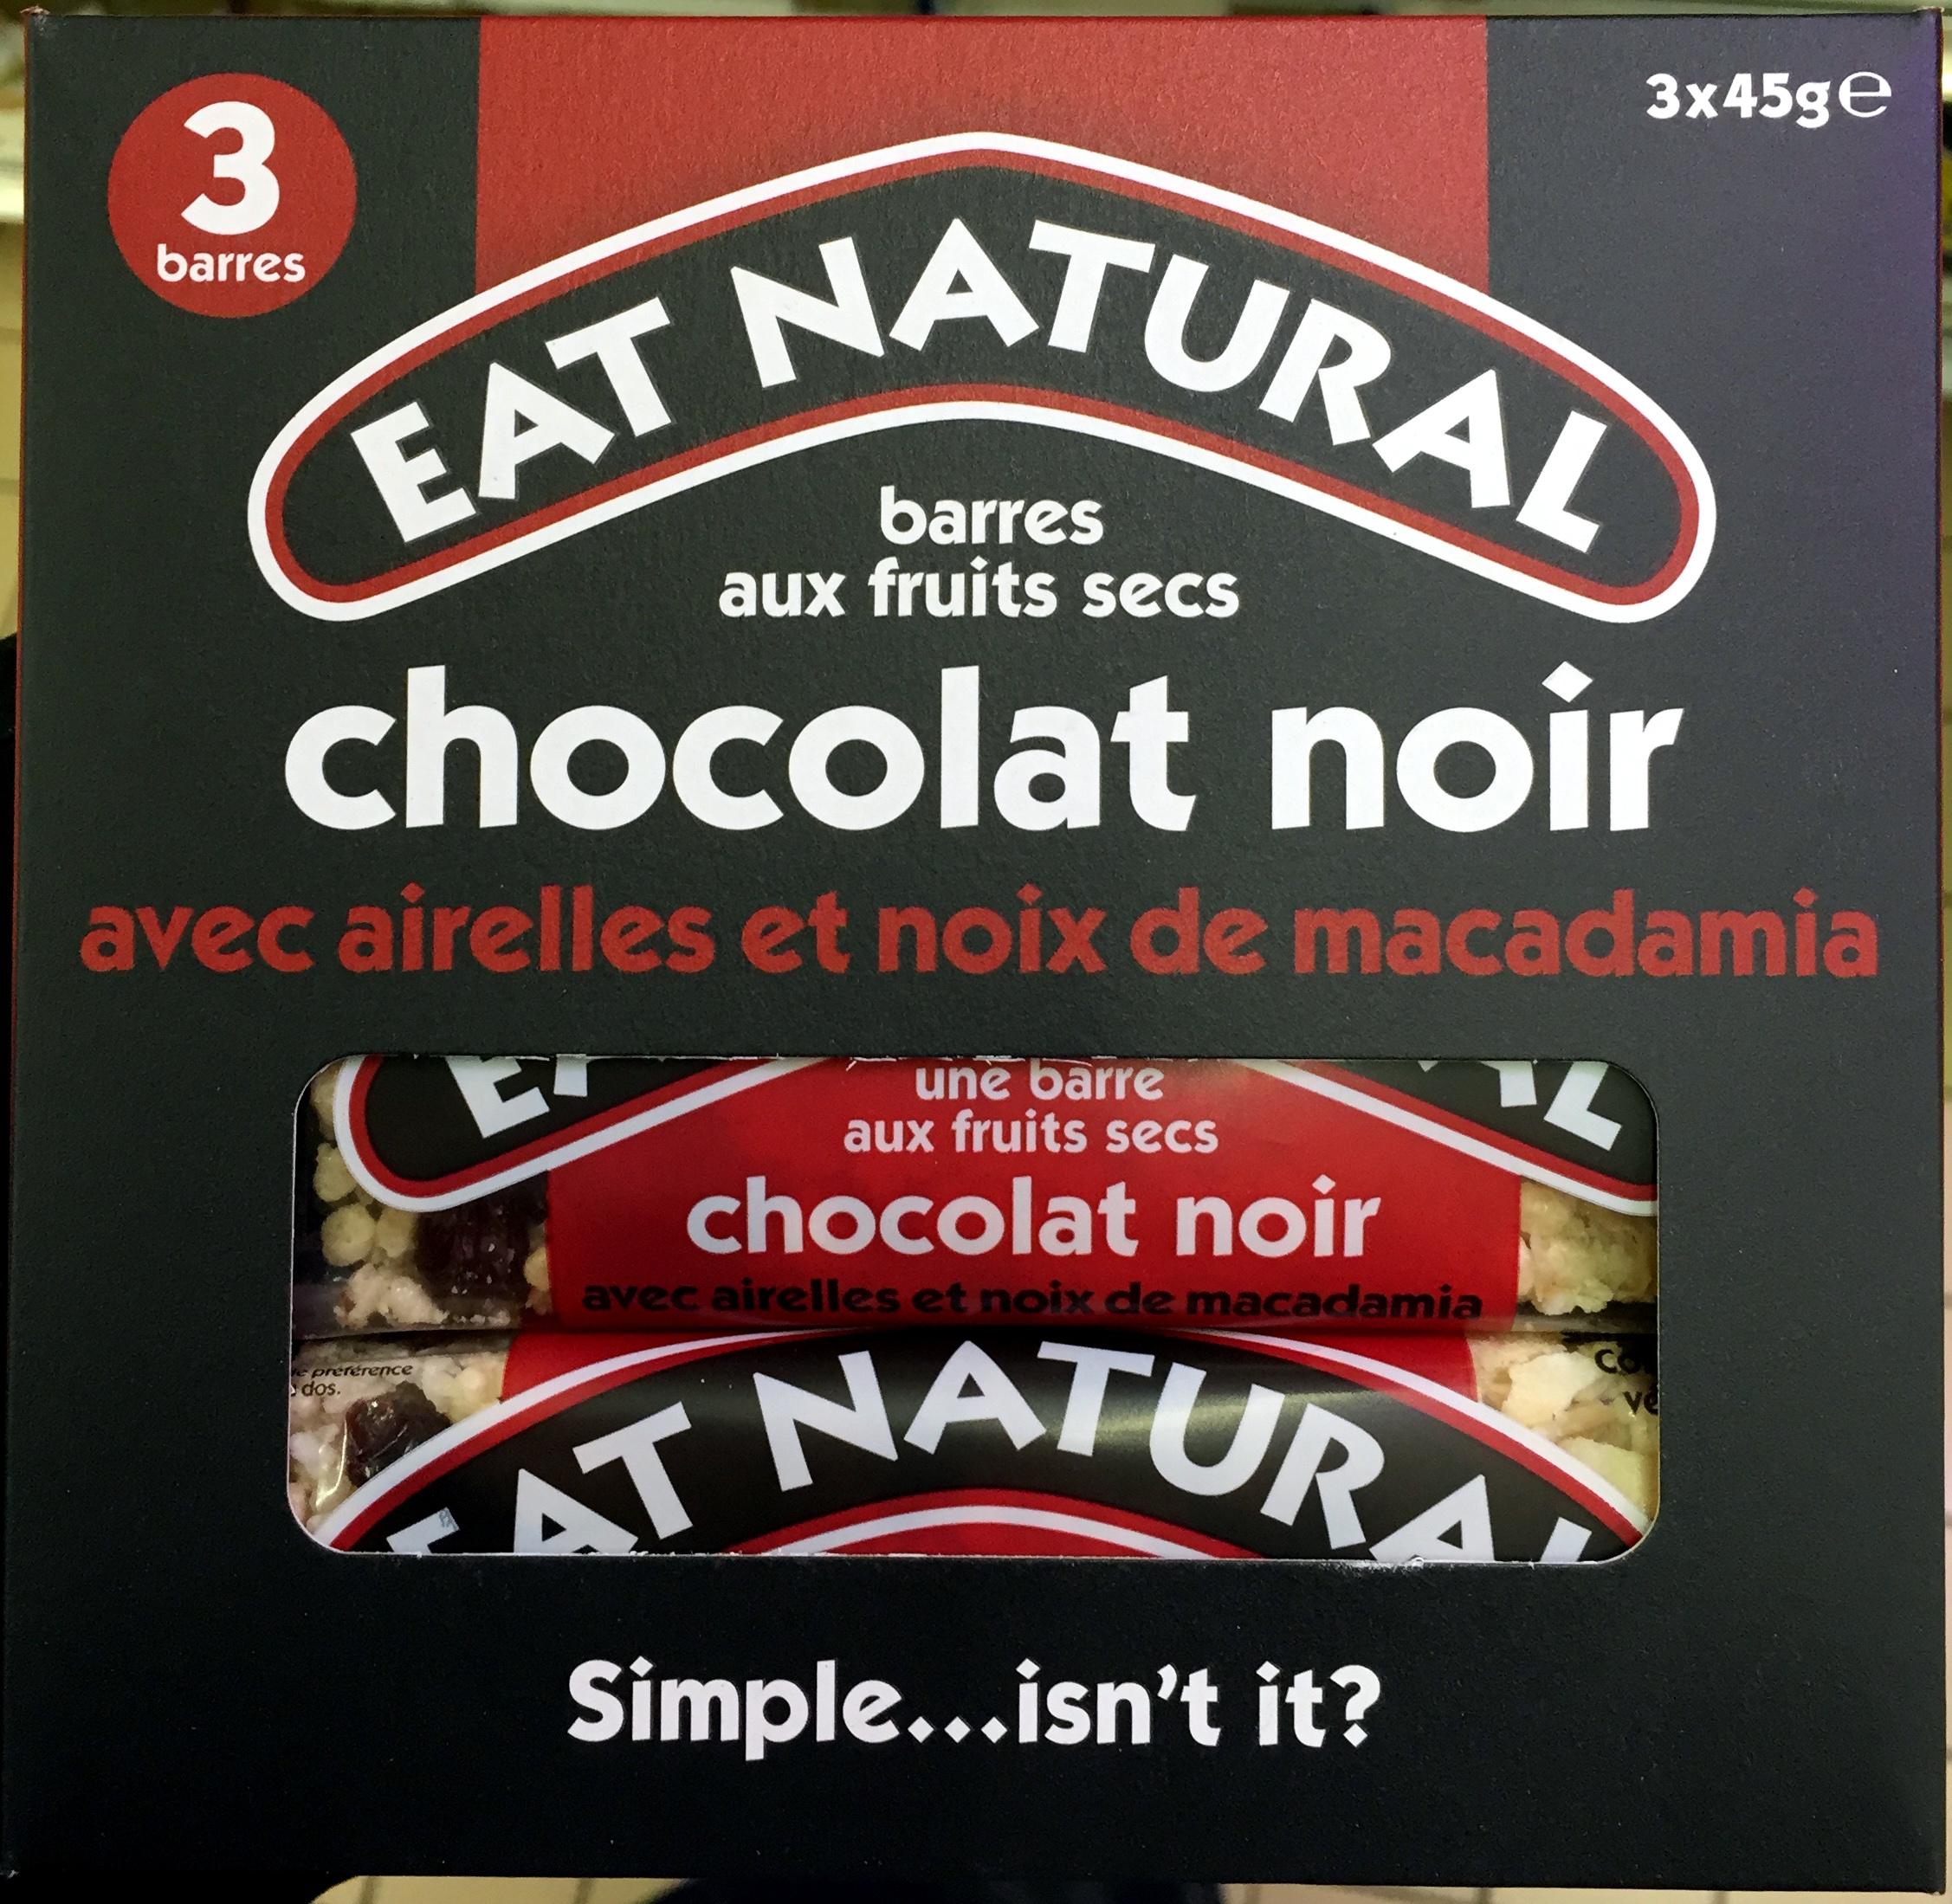 Bat fruits secs choco noir acec airelles et noix de macadamia - Product - fr